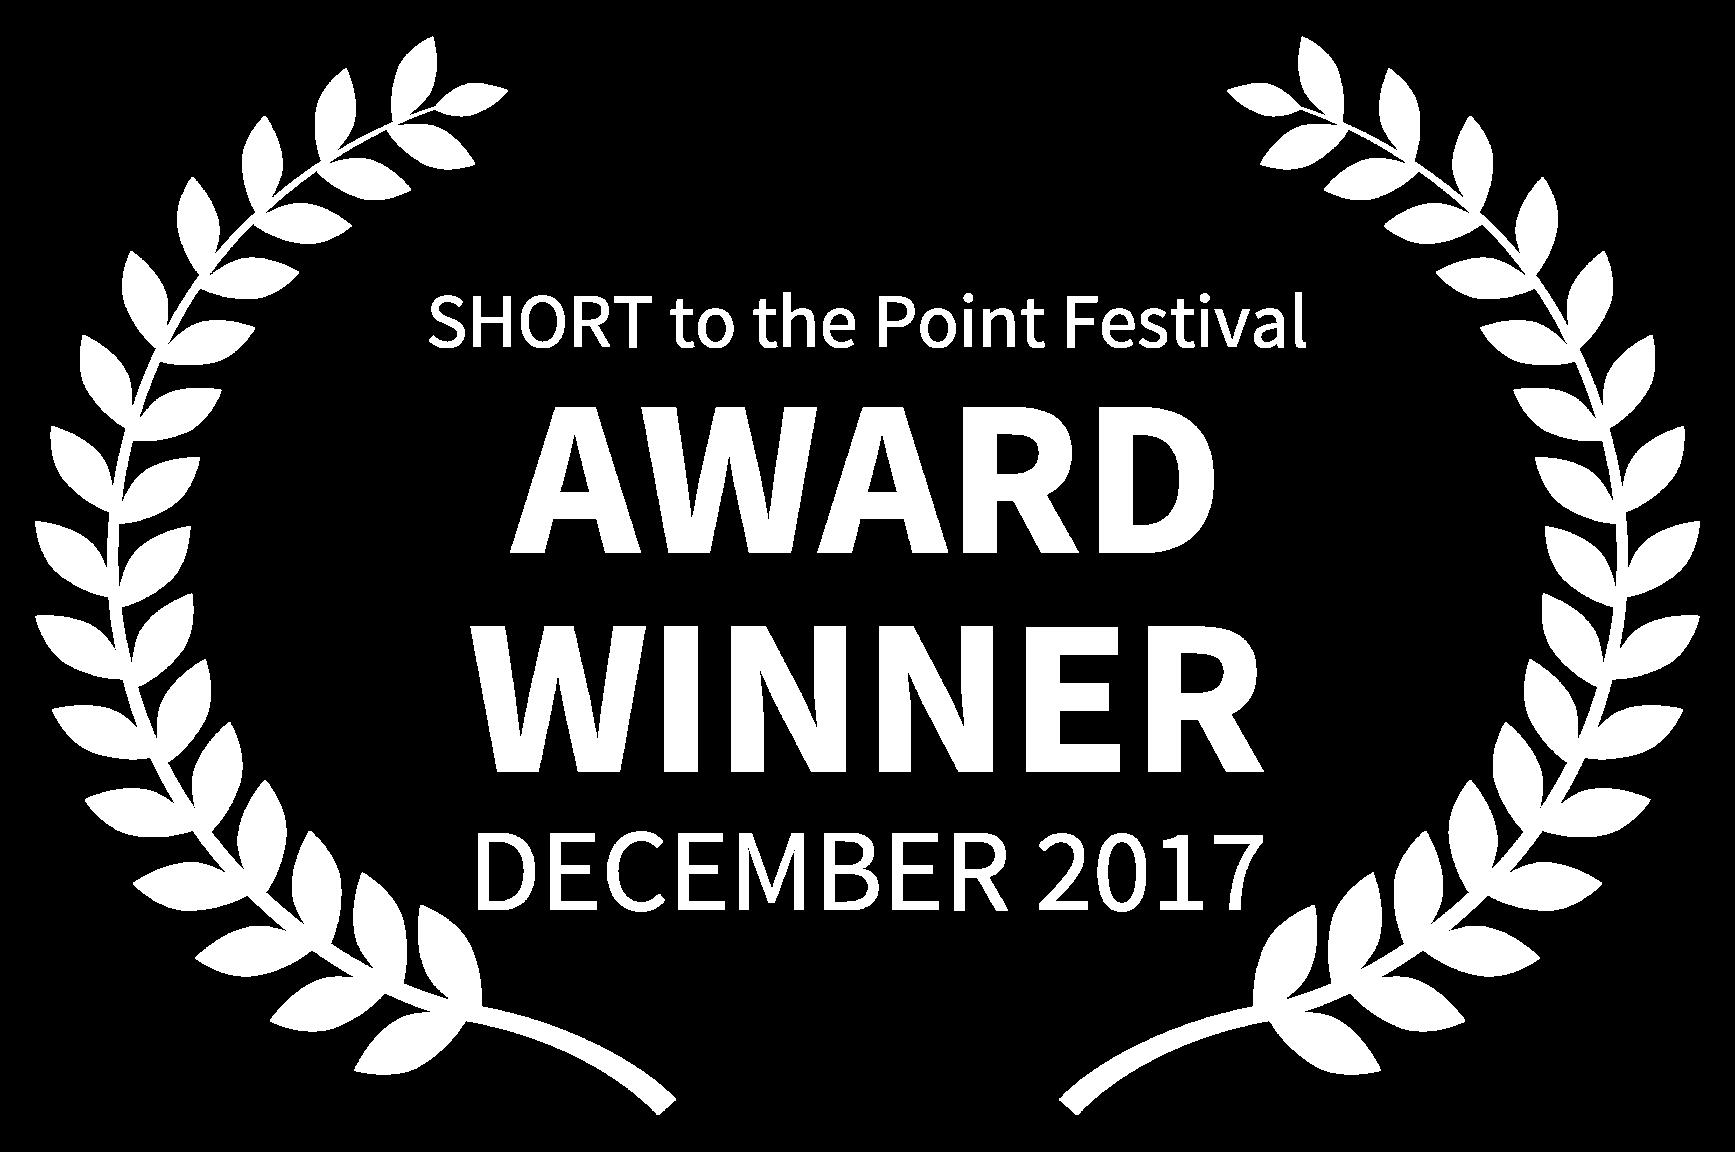 SHORT to the Point Festival - AWARD WINNER - DECEMBER 2017 (2).png